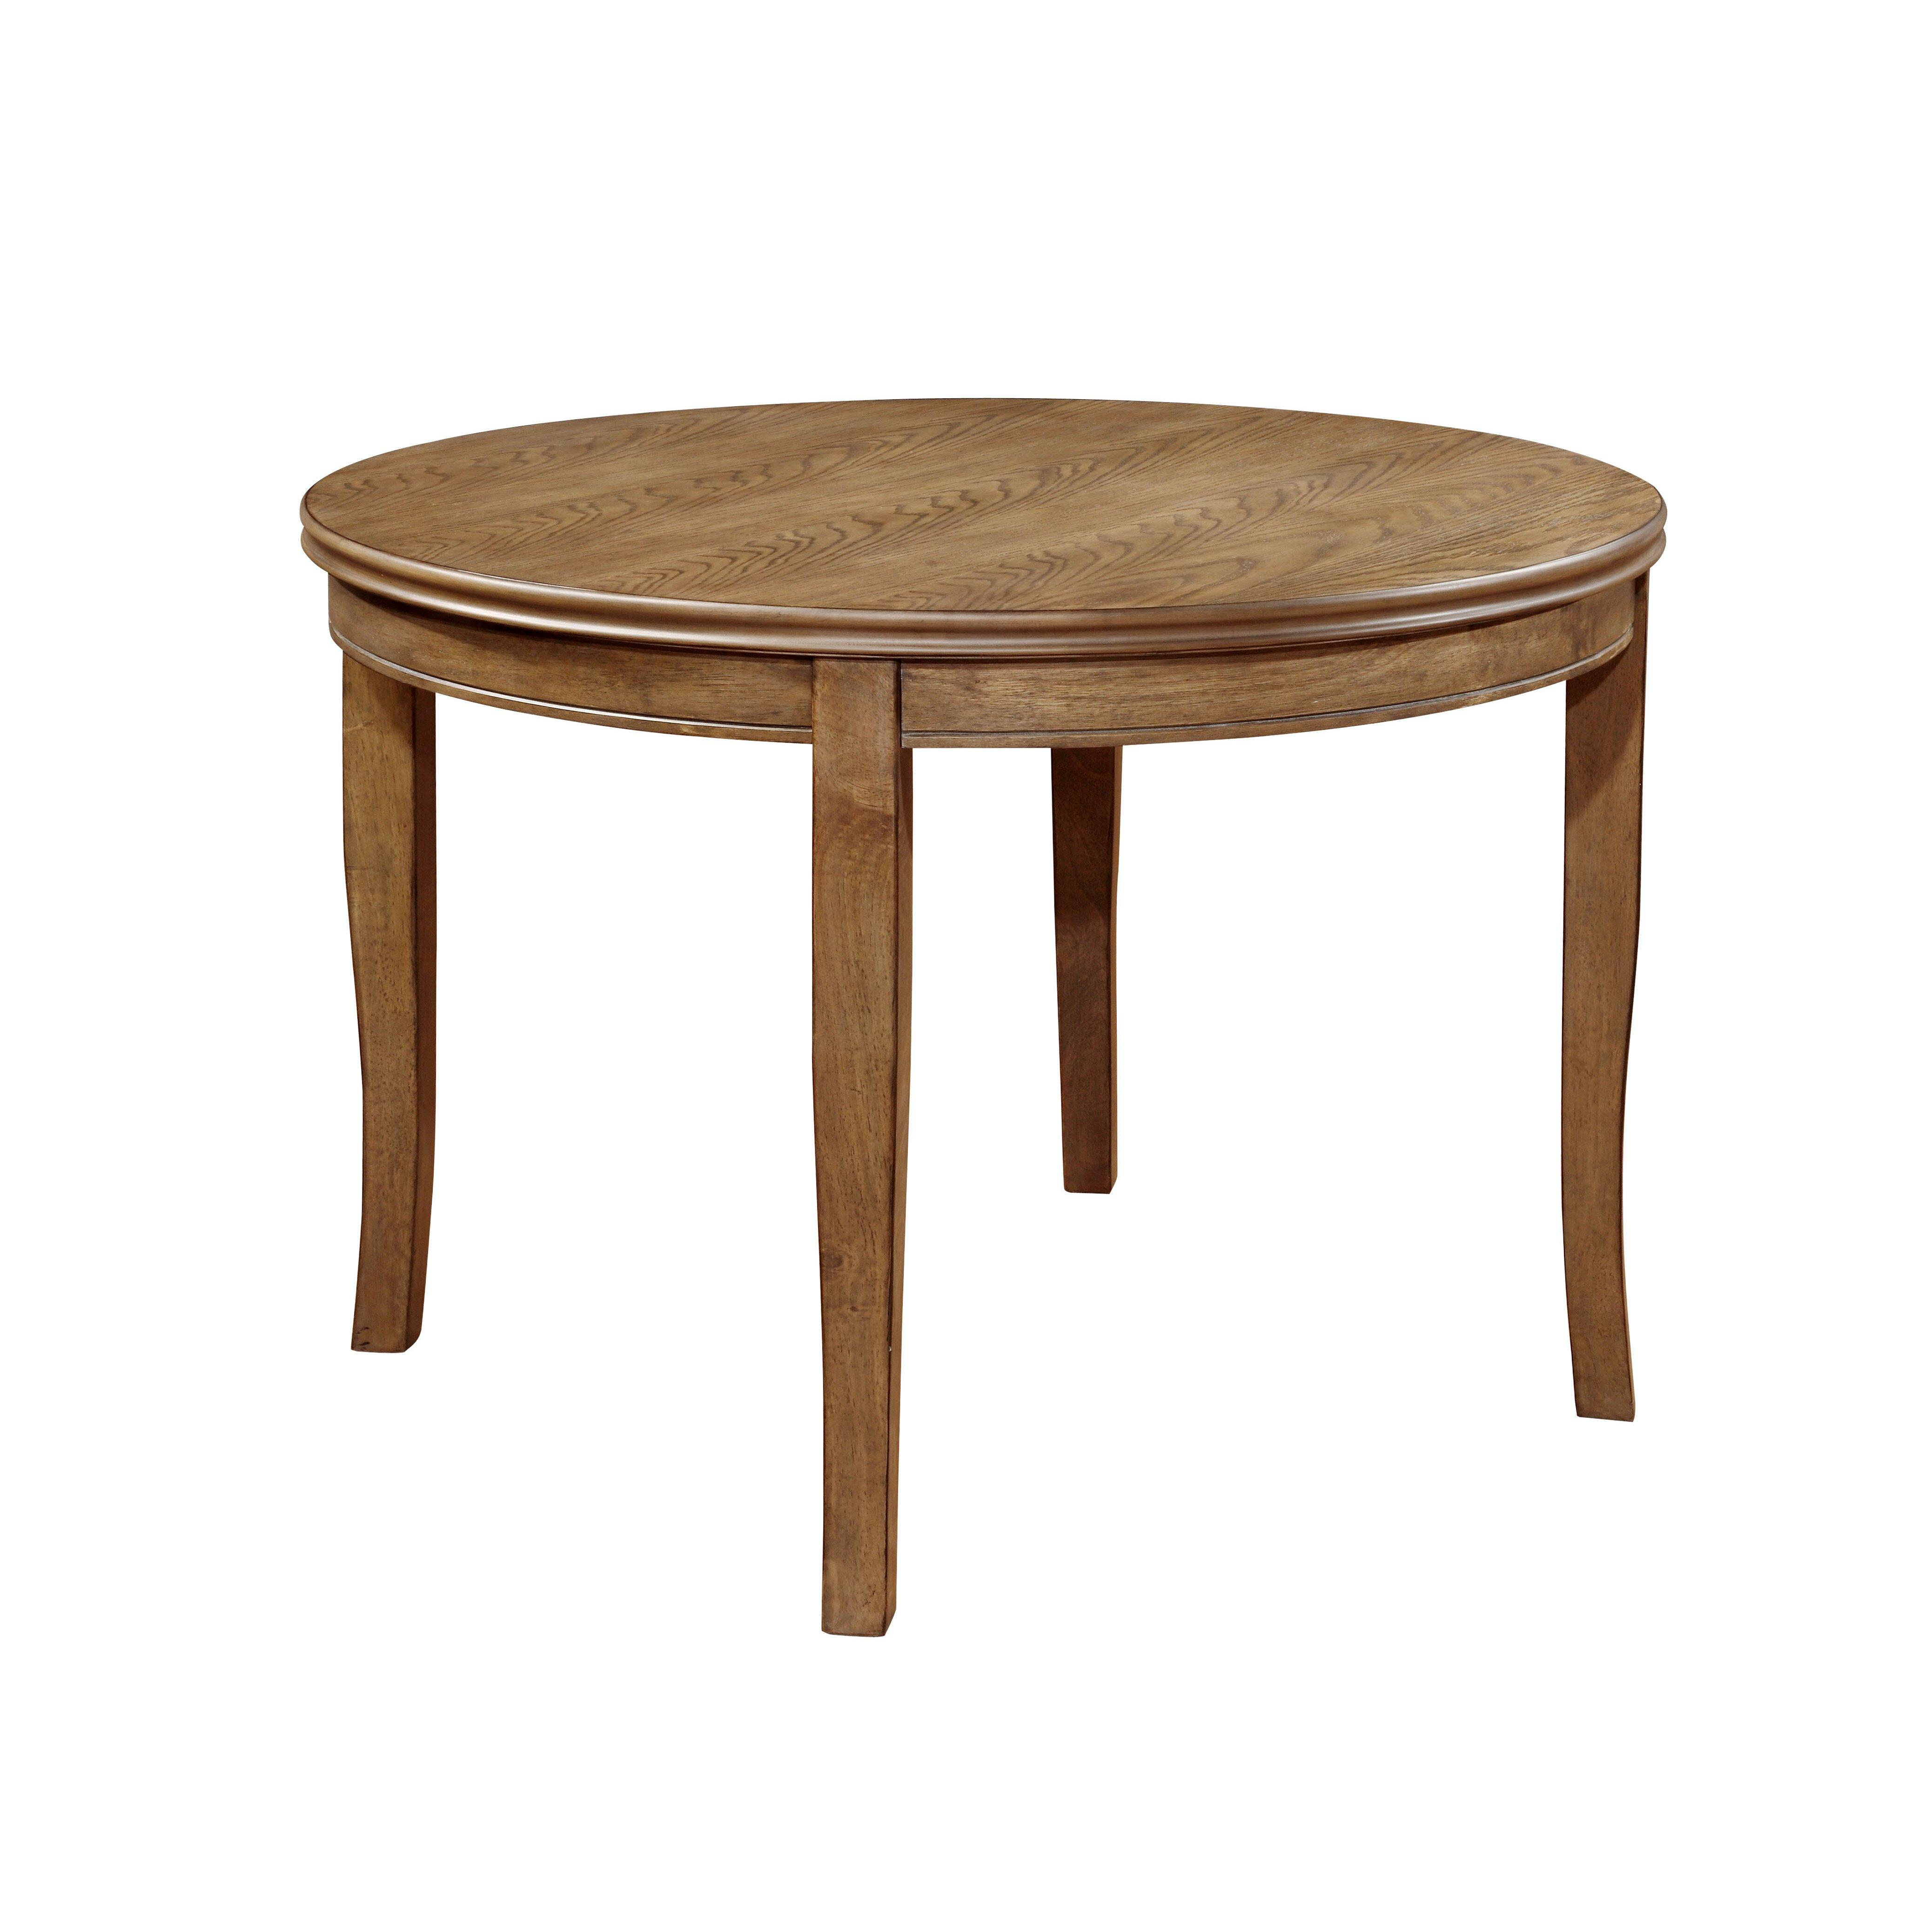 Hokku Designs Natura Dining Table amp Reviews Wayfair : Hokku Designs Natura Dining Table from www.wayfair.com size 4152 x 4152 jpeg 958kB